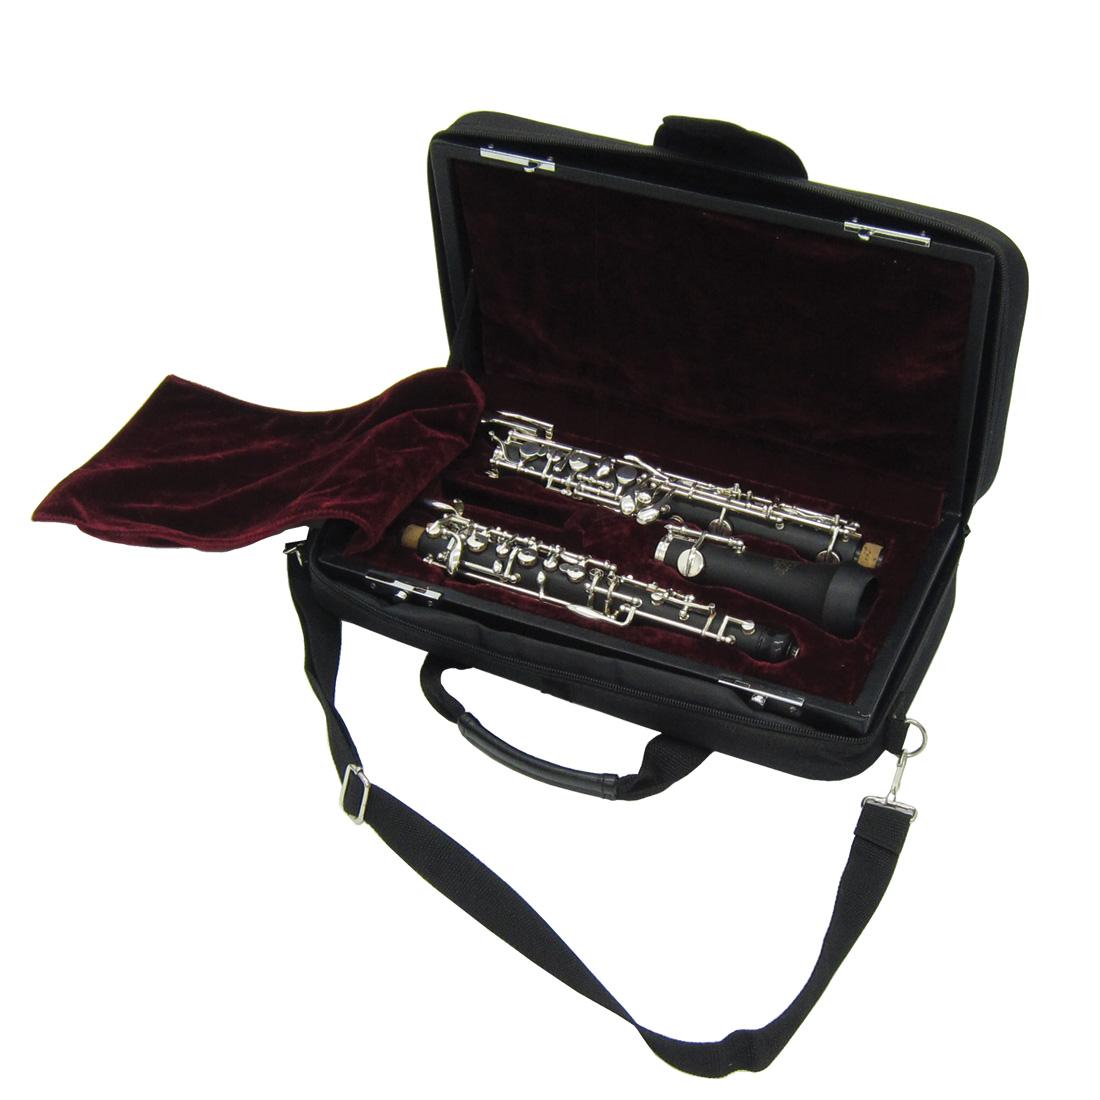 ケースにはカバーが付いており、持ち運びに便利。肩にかけて運べるようショルダー用のストラップが付いています。